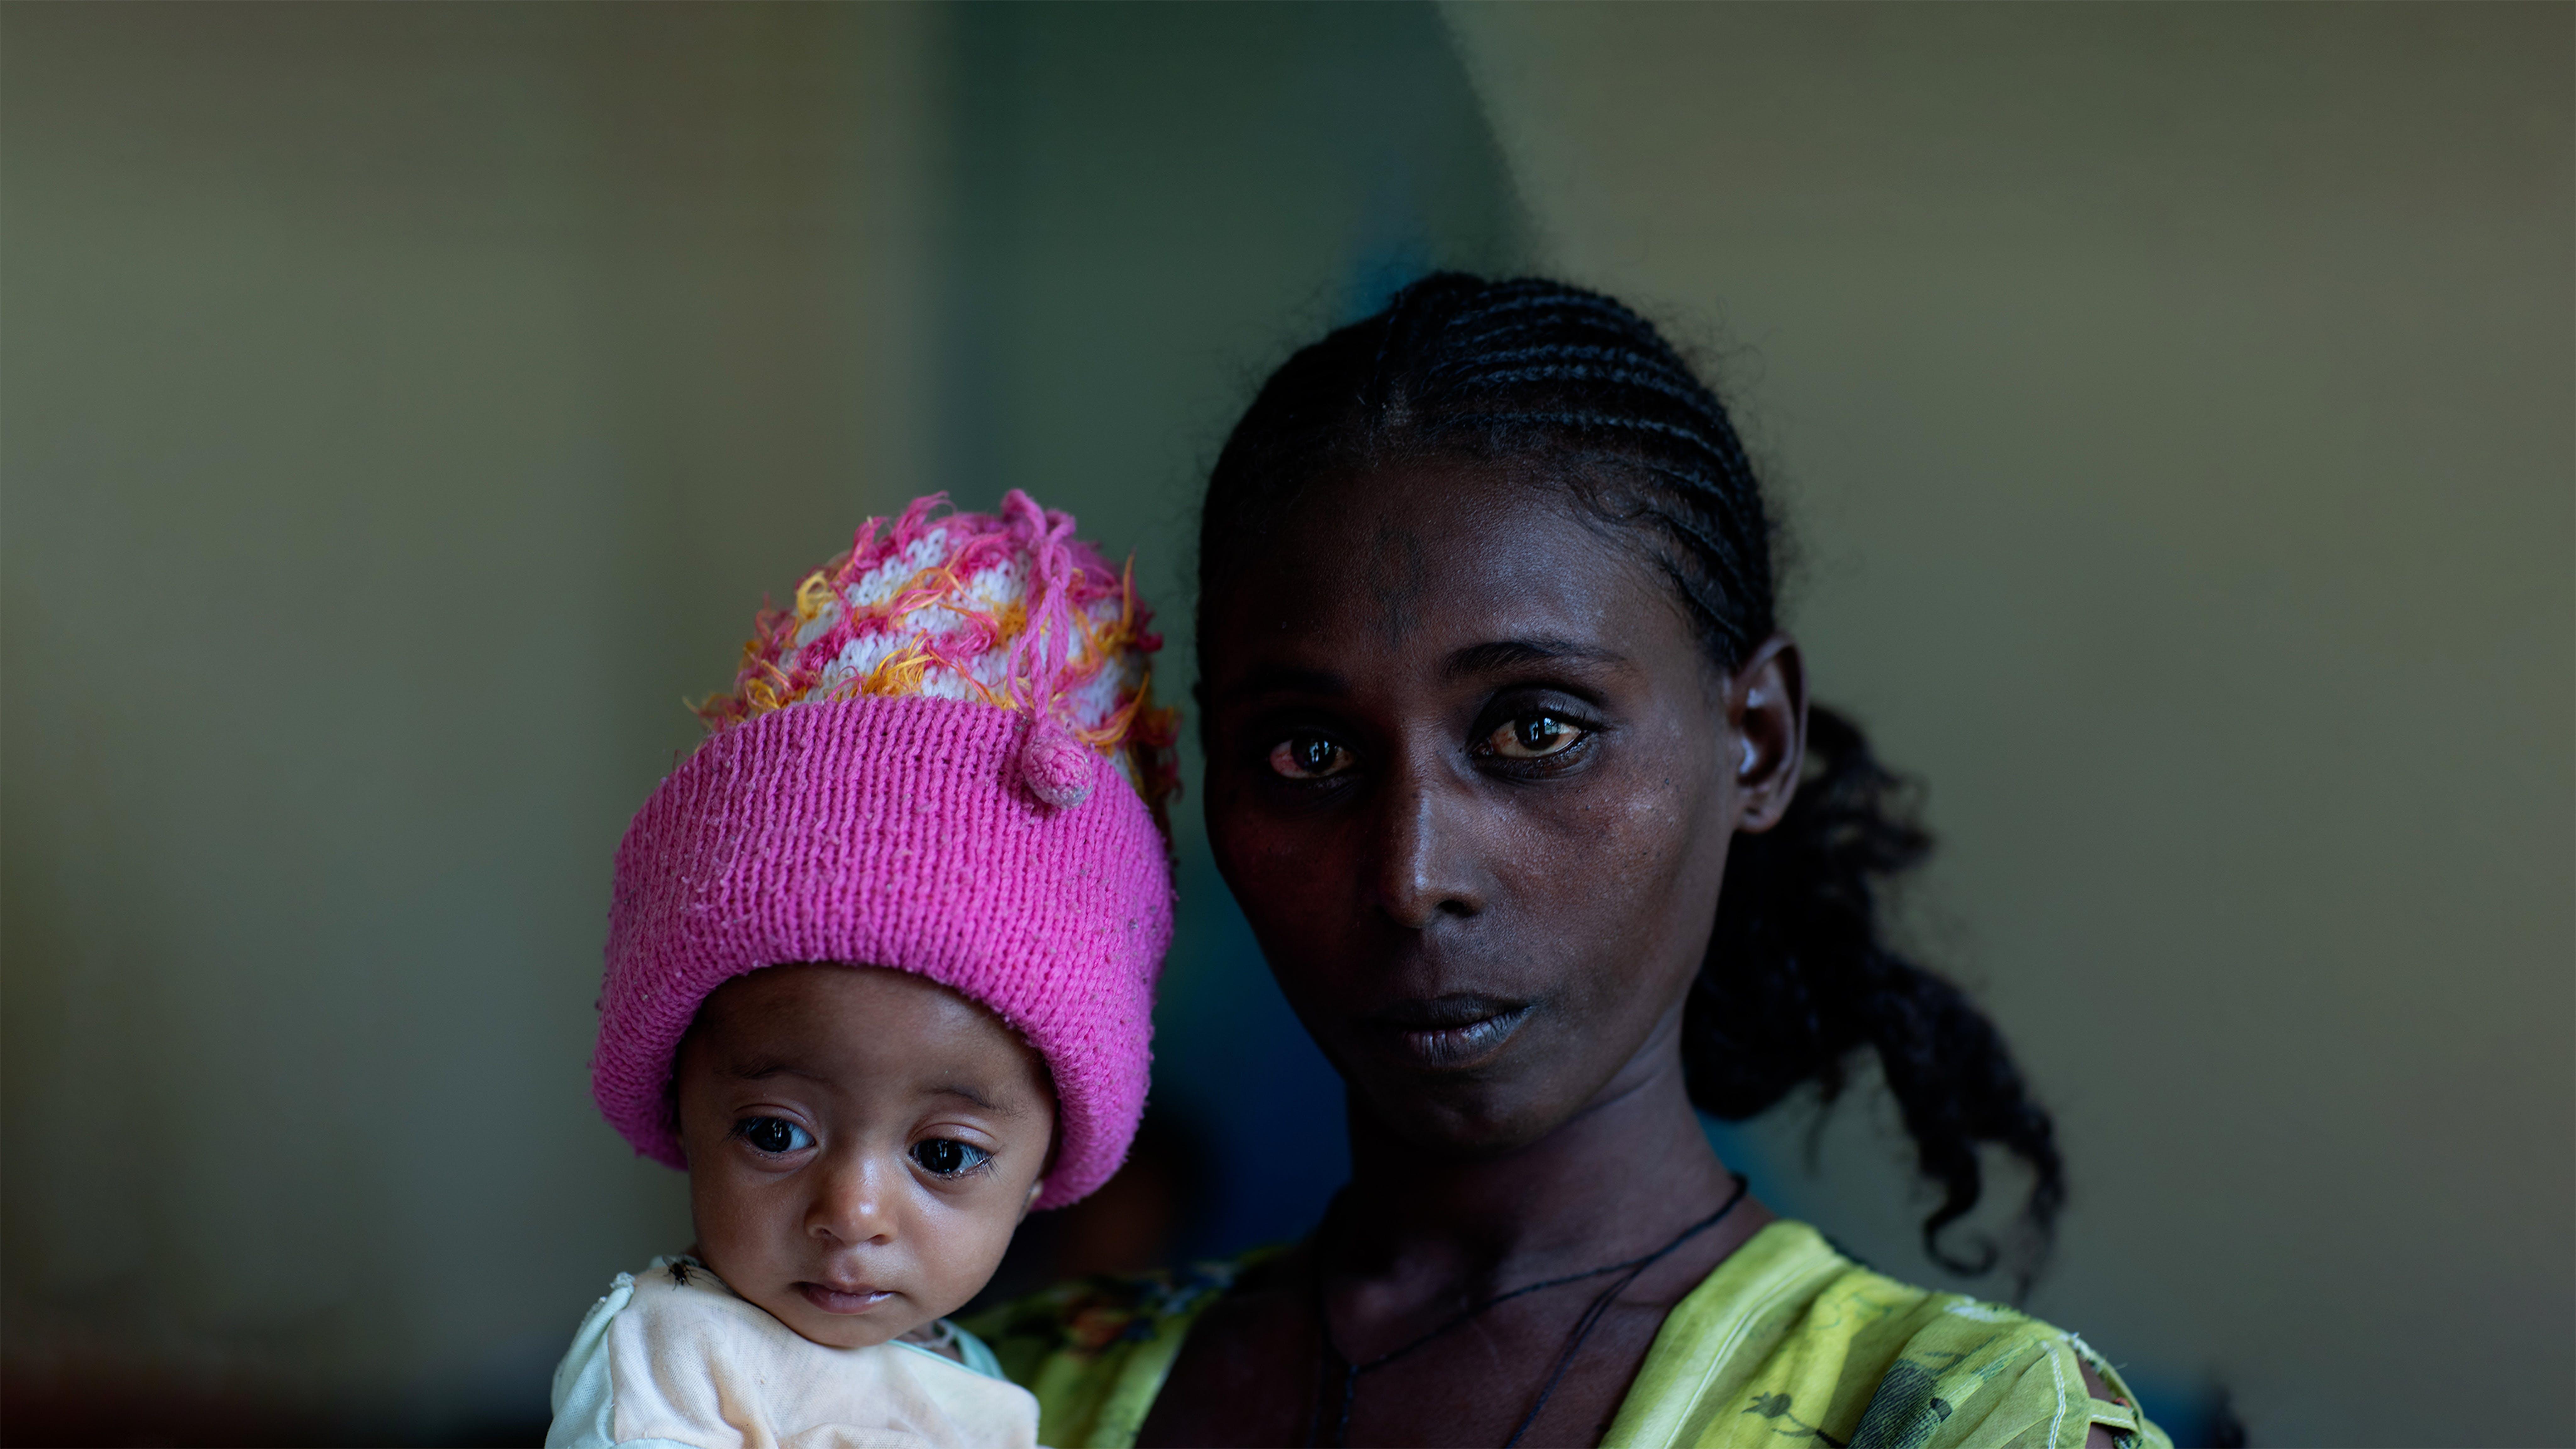 Etiopia, Yeshialem Gebreegziabher, 27 anni, tiene in braccio sua figlia, Kalkidan Yeman, di 6 mesi, che soffre di malnutrizione presso il centro Aby Adi Health nella regione del Tigray